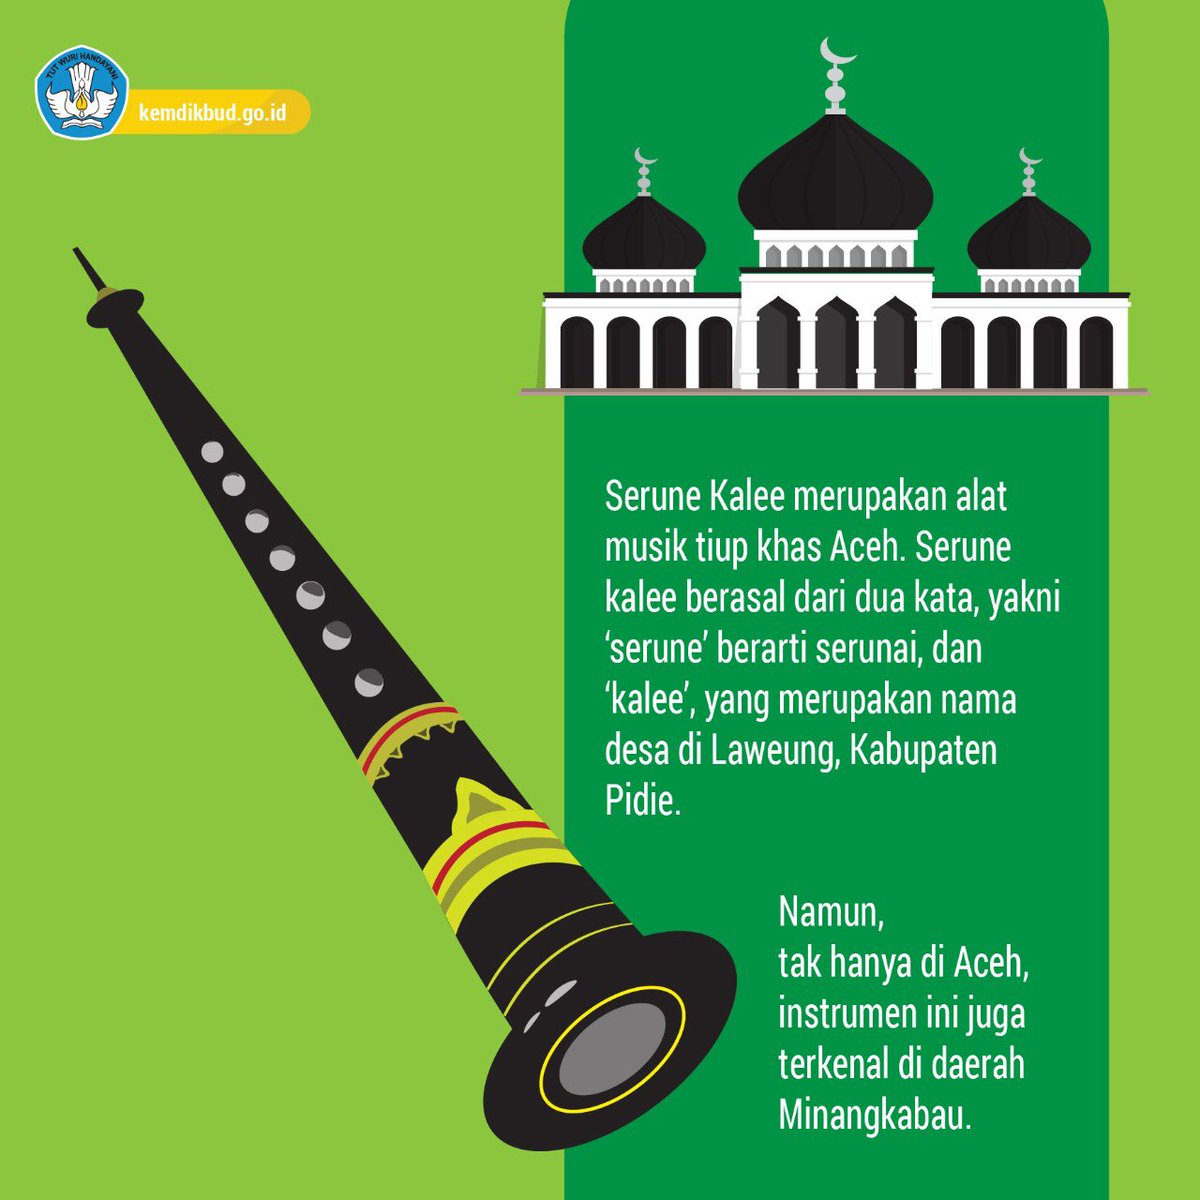 Ya, ini adalah Serune Kalee, alat musik tiup khas Aceh. Apa alat musik tiup khas dari daerah #SahabatDikbud?#RabuMaju